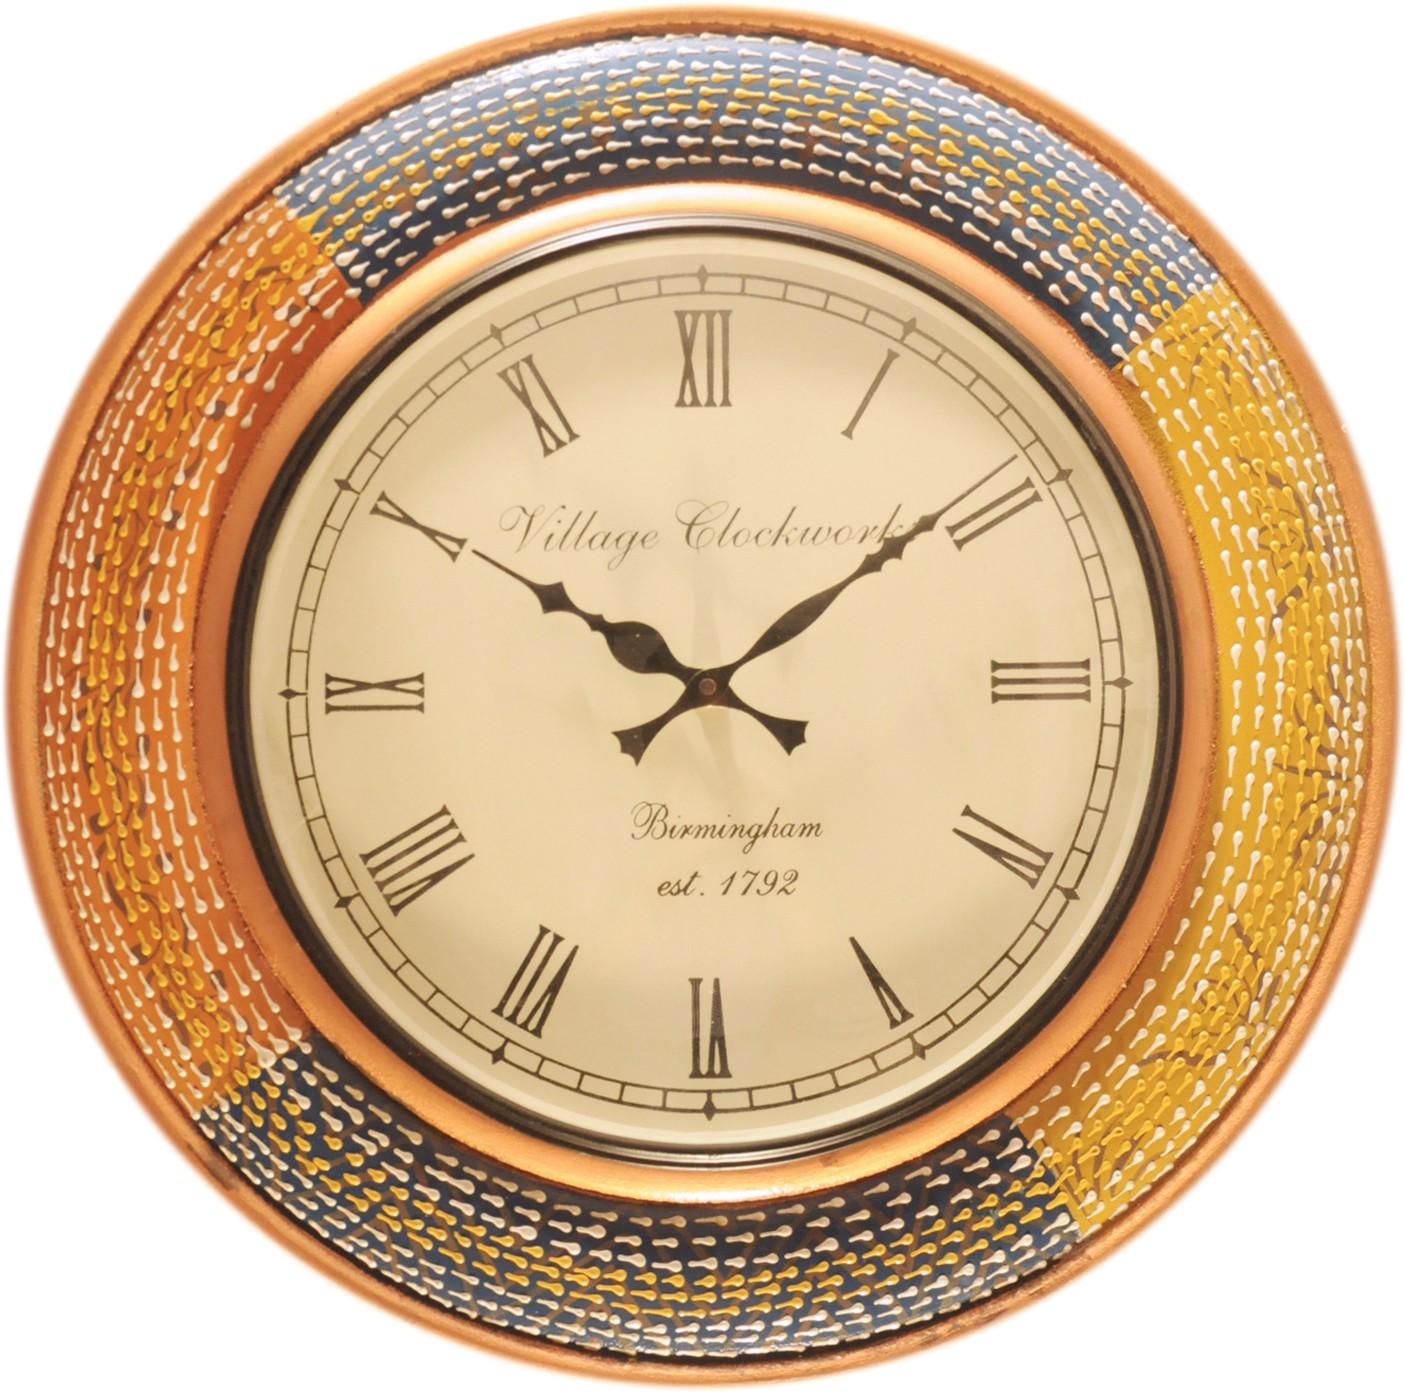 Best Village Clockworks brands wallclocks Pricing in October 26 2017